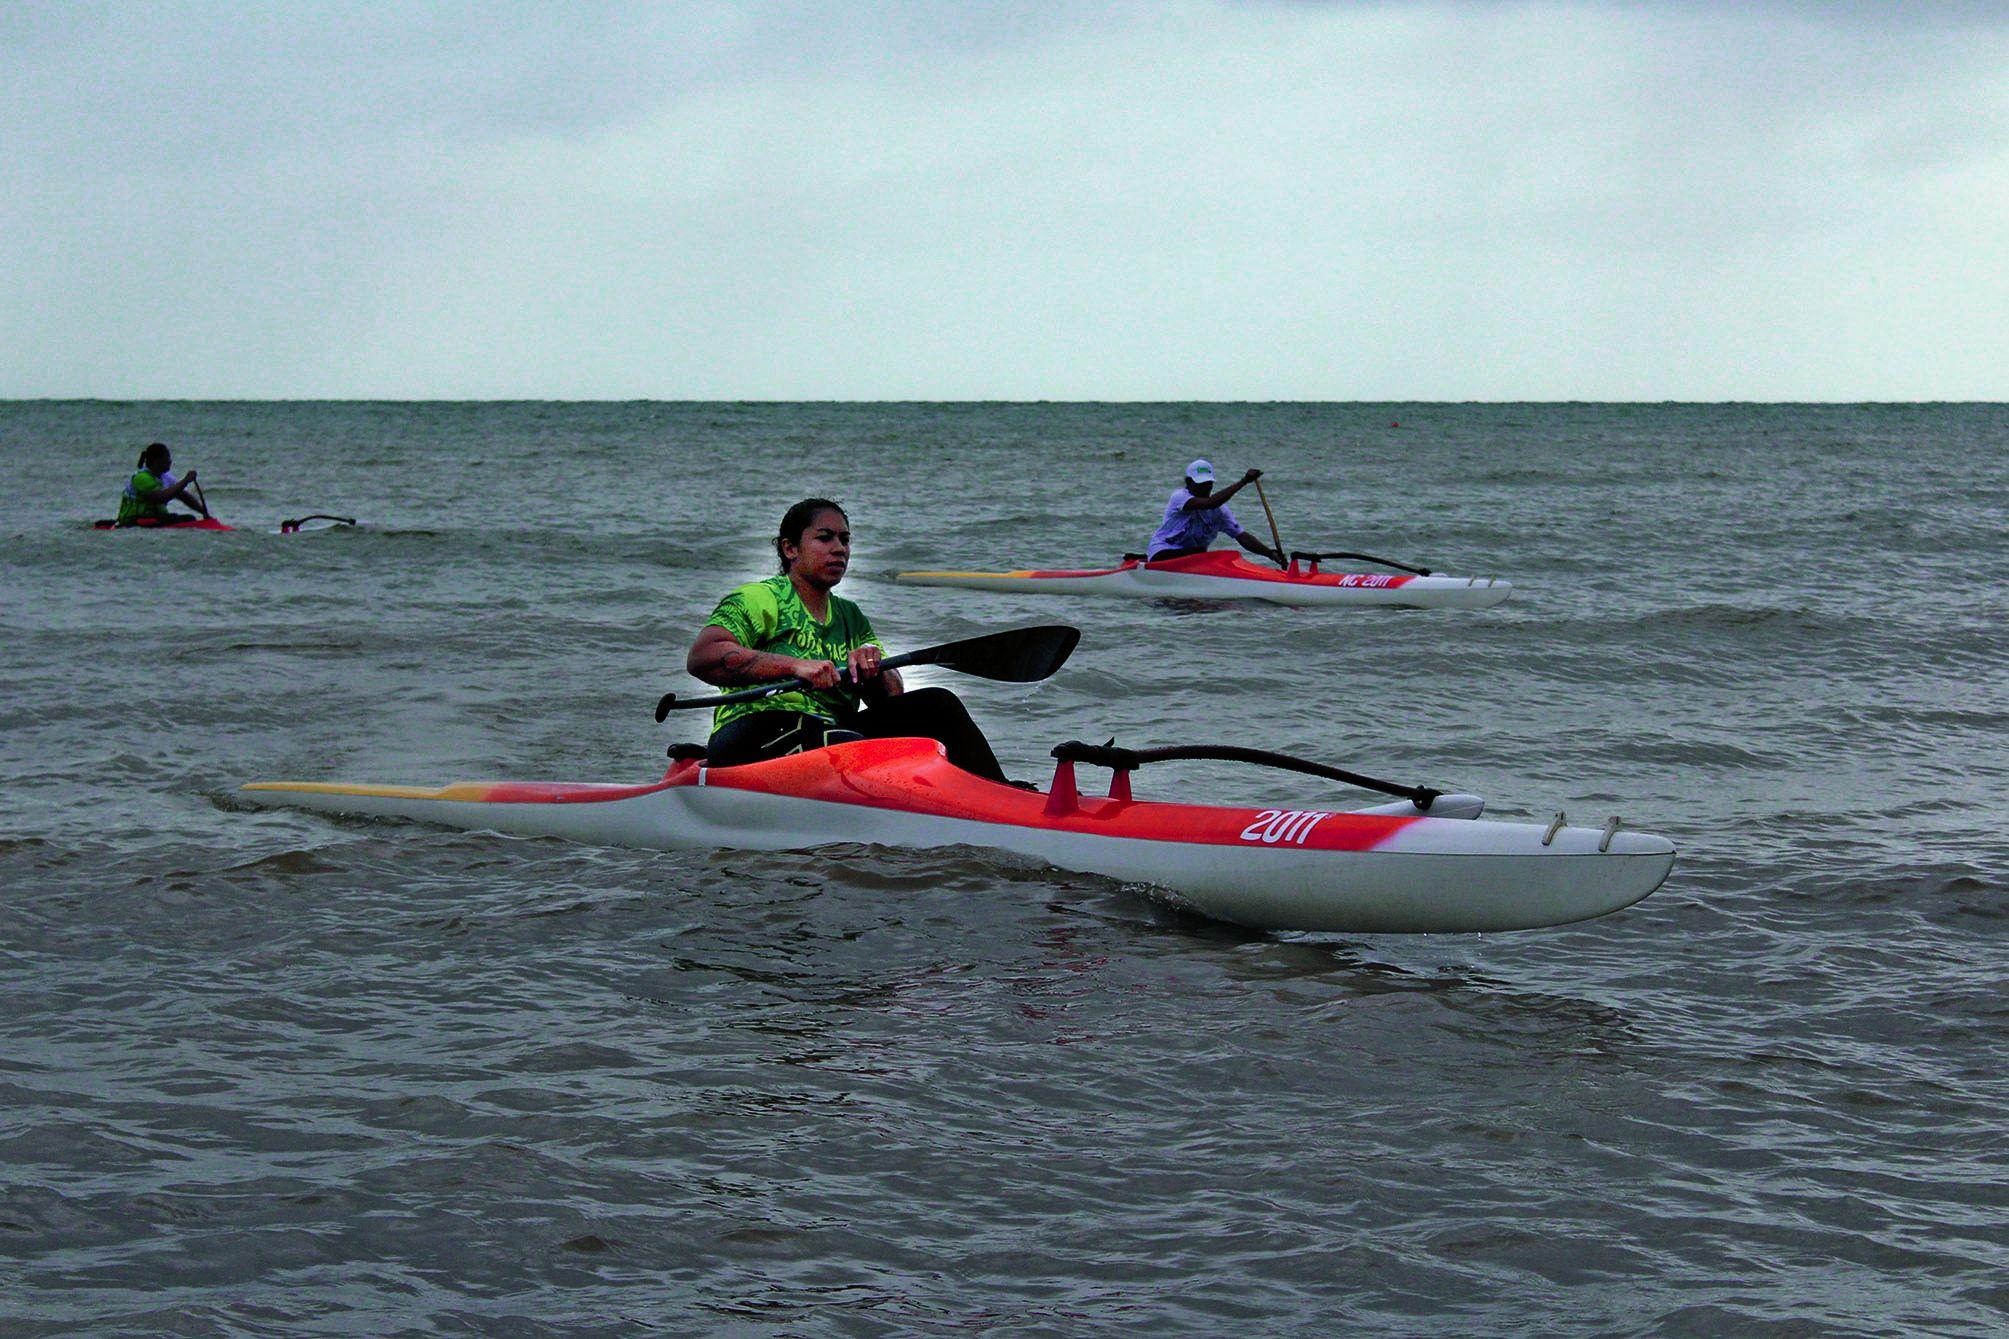 Ce n'est pas la première fois que Marcy Manate remporté le doublé vitesse / longue distance. Photo T.M.